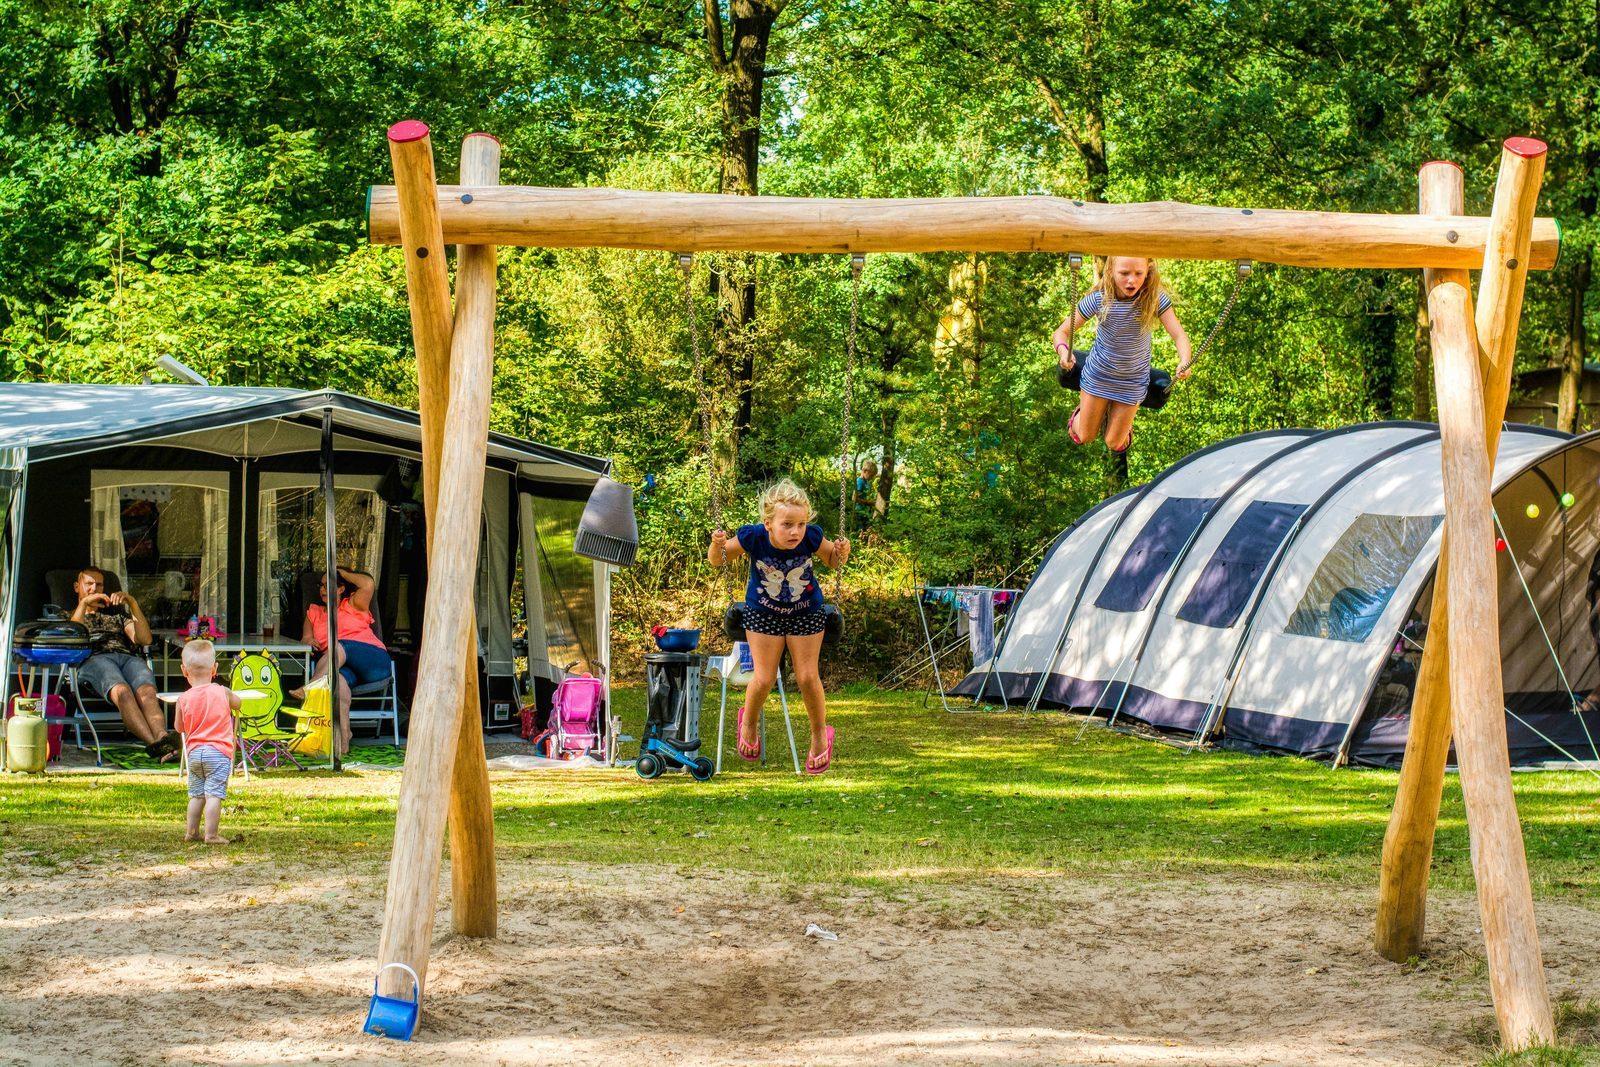 Camping auf einen Feld mit Blick auf einen Spielplatz